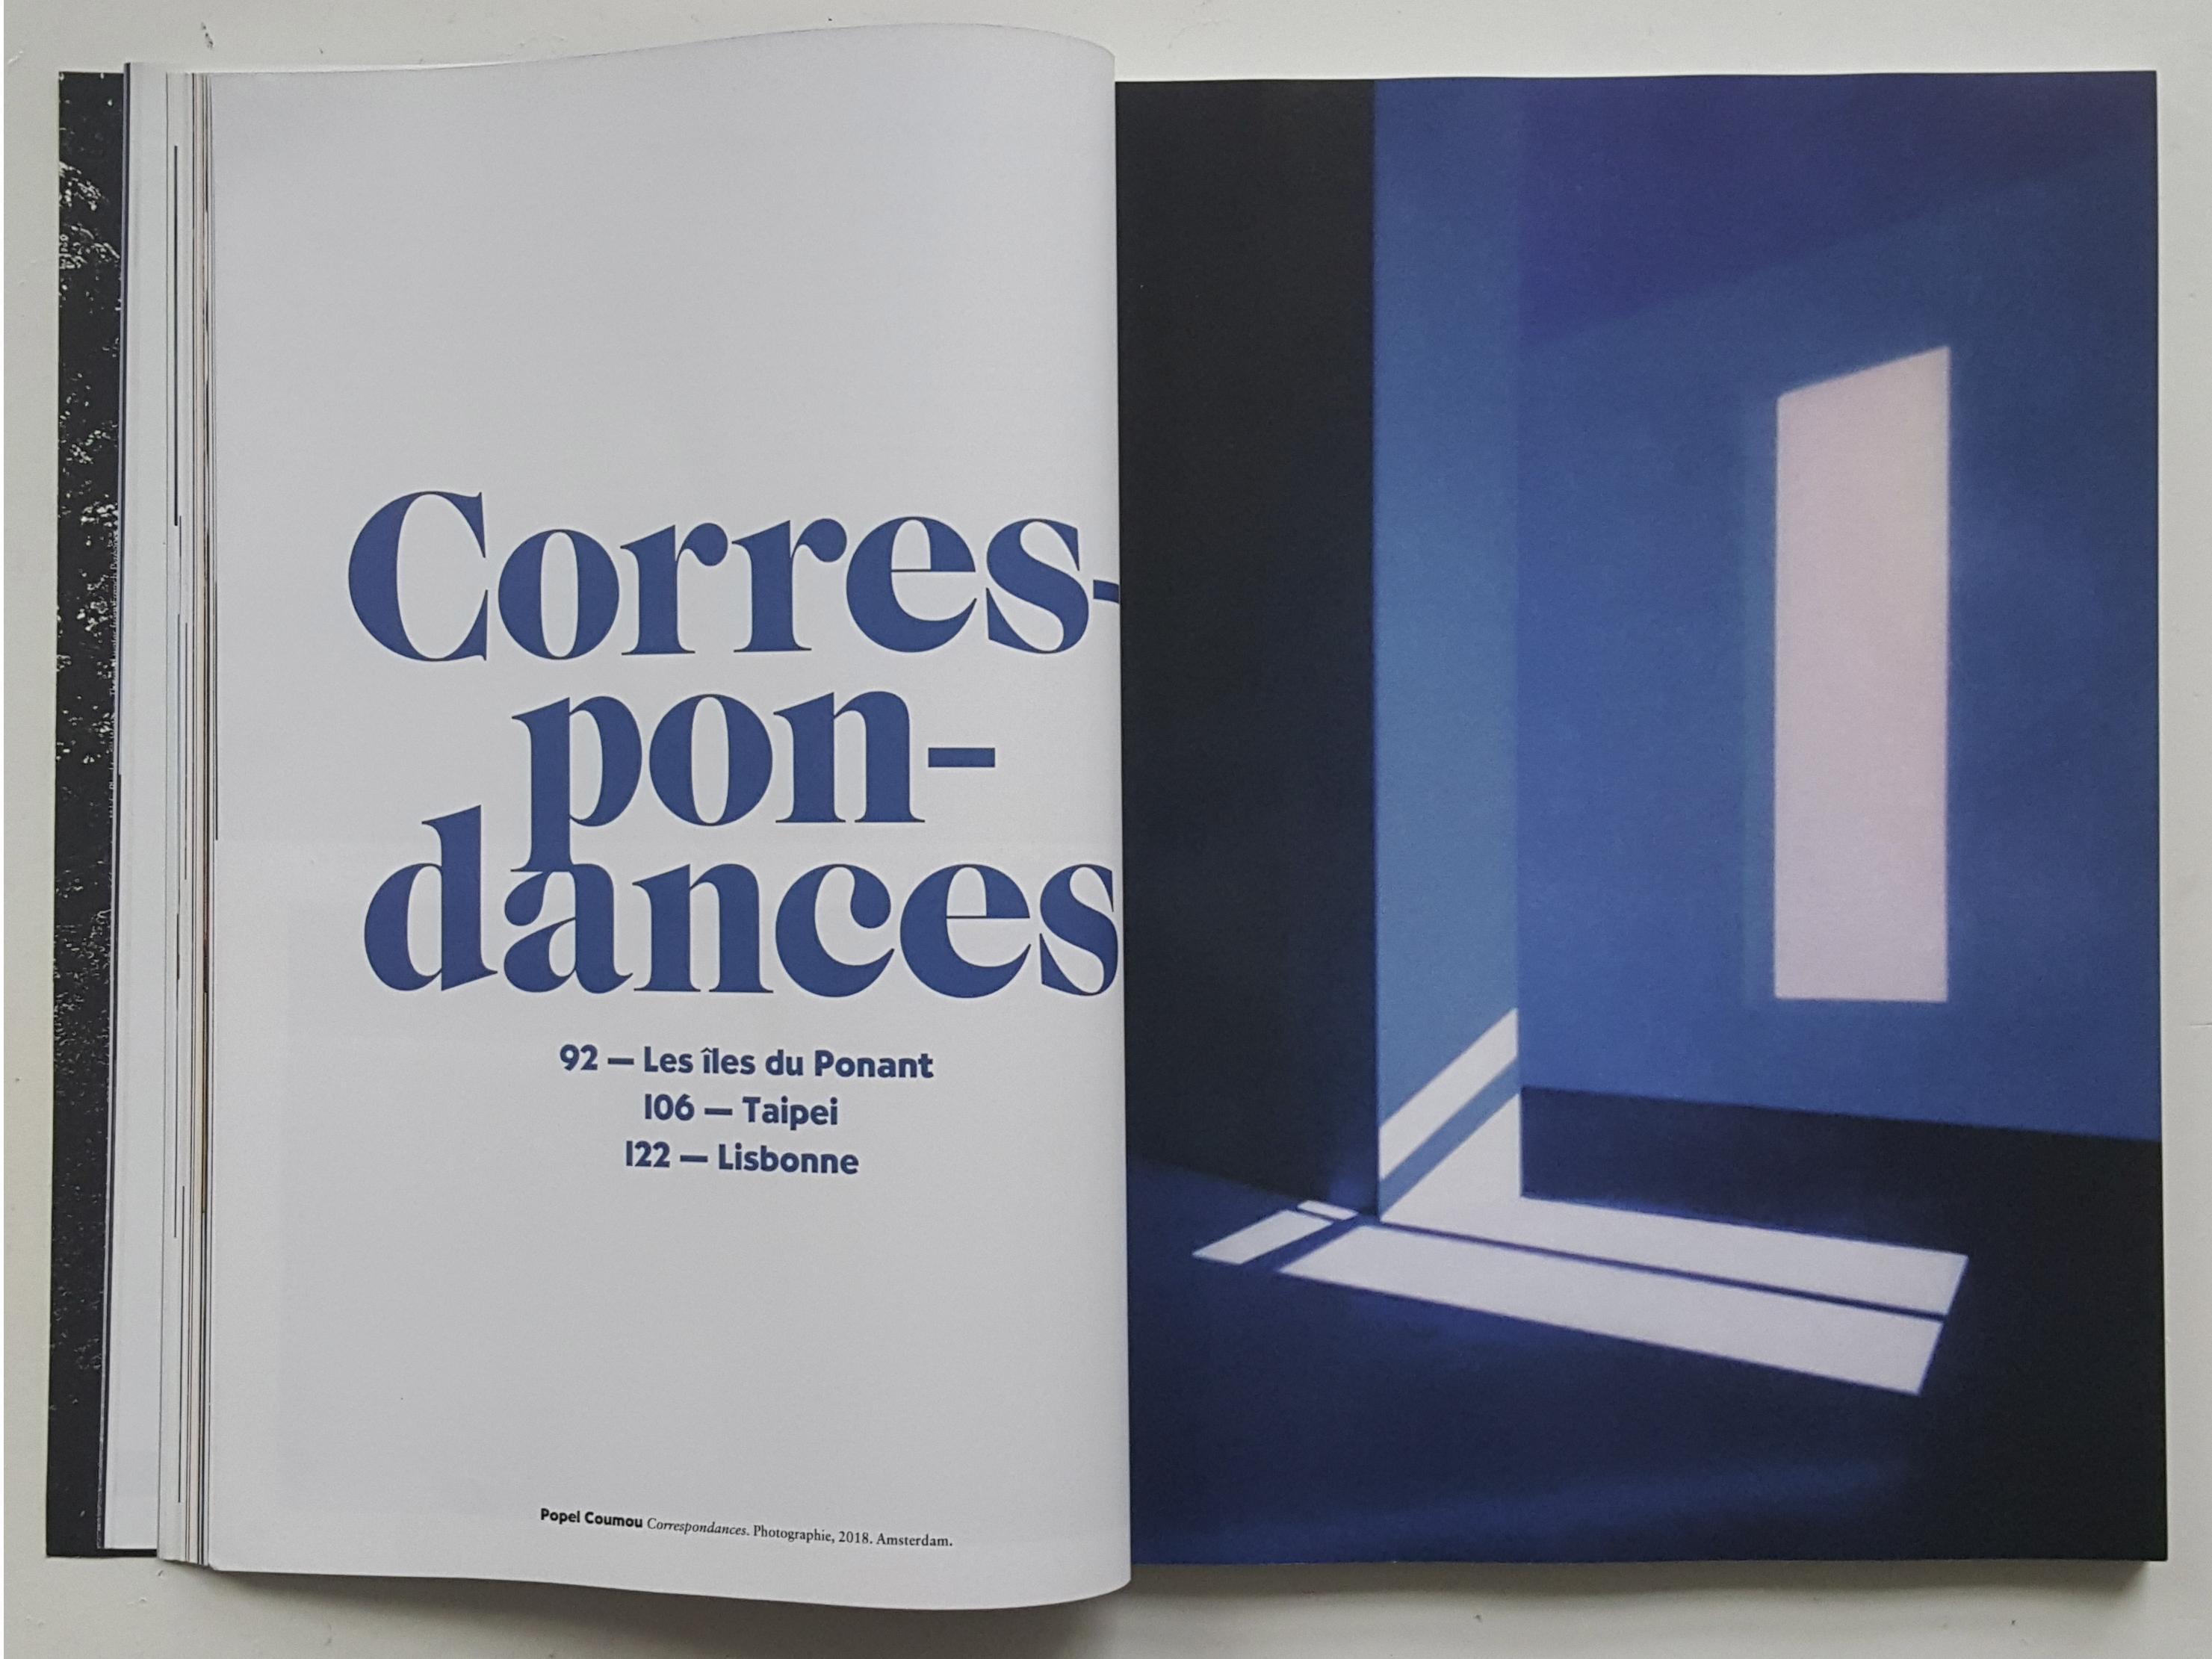 1 AirfranceMagazine